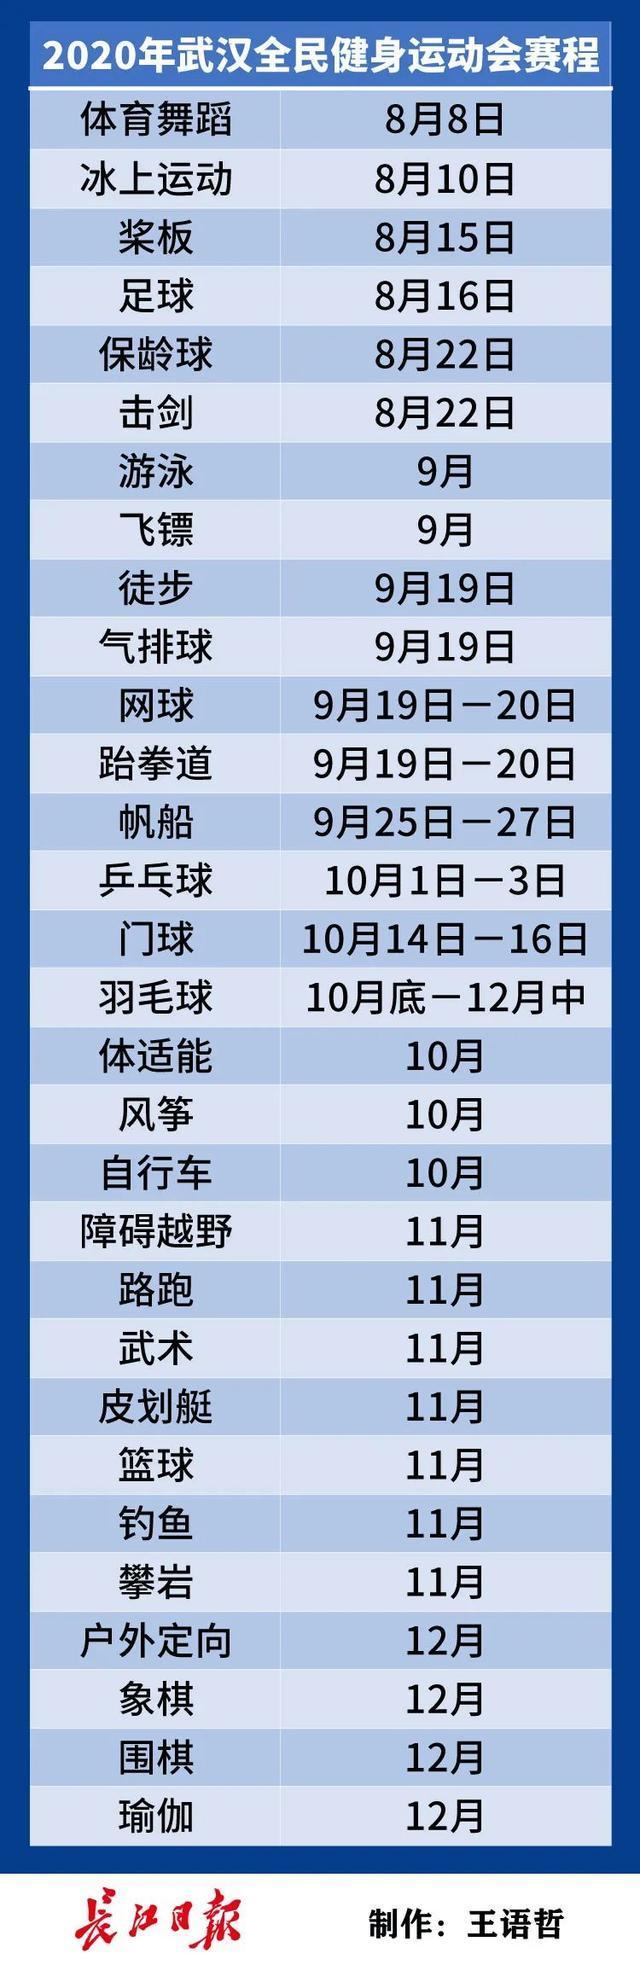 """重新启动后首例综合性大中型锻炼身体的话""""2020武汉市全民健身运动锻炼身体的话""""今天揭幕 第8张"""